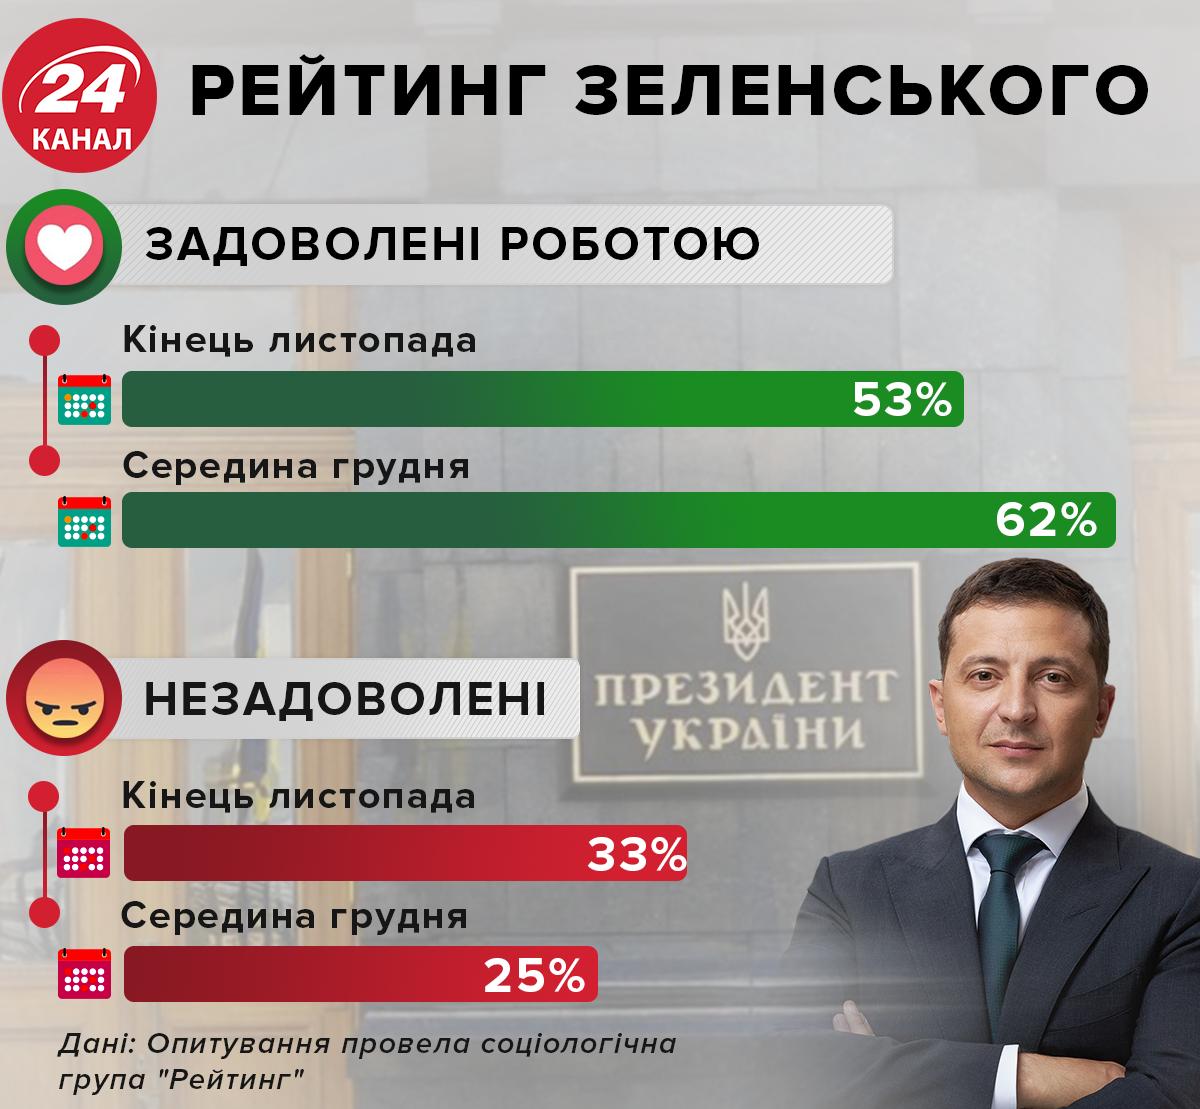 зеленський інфографіка рейтинг